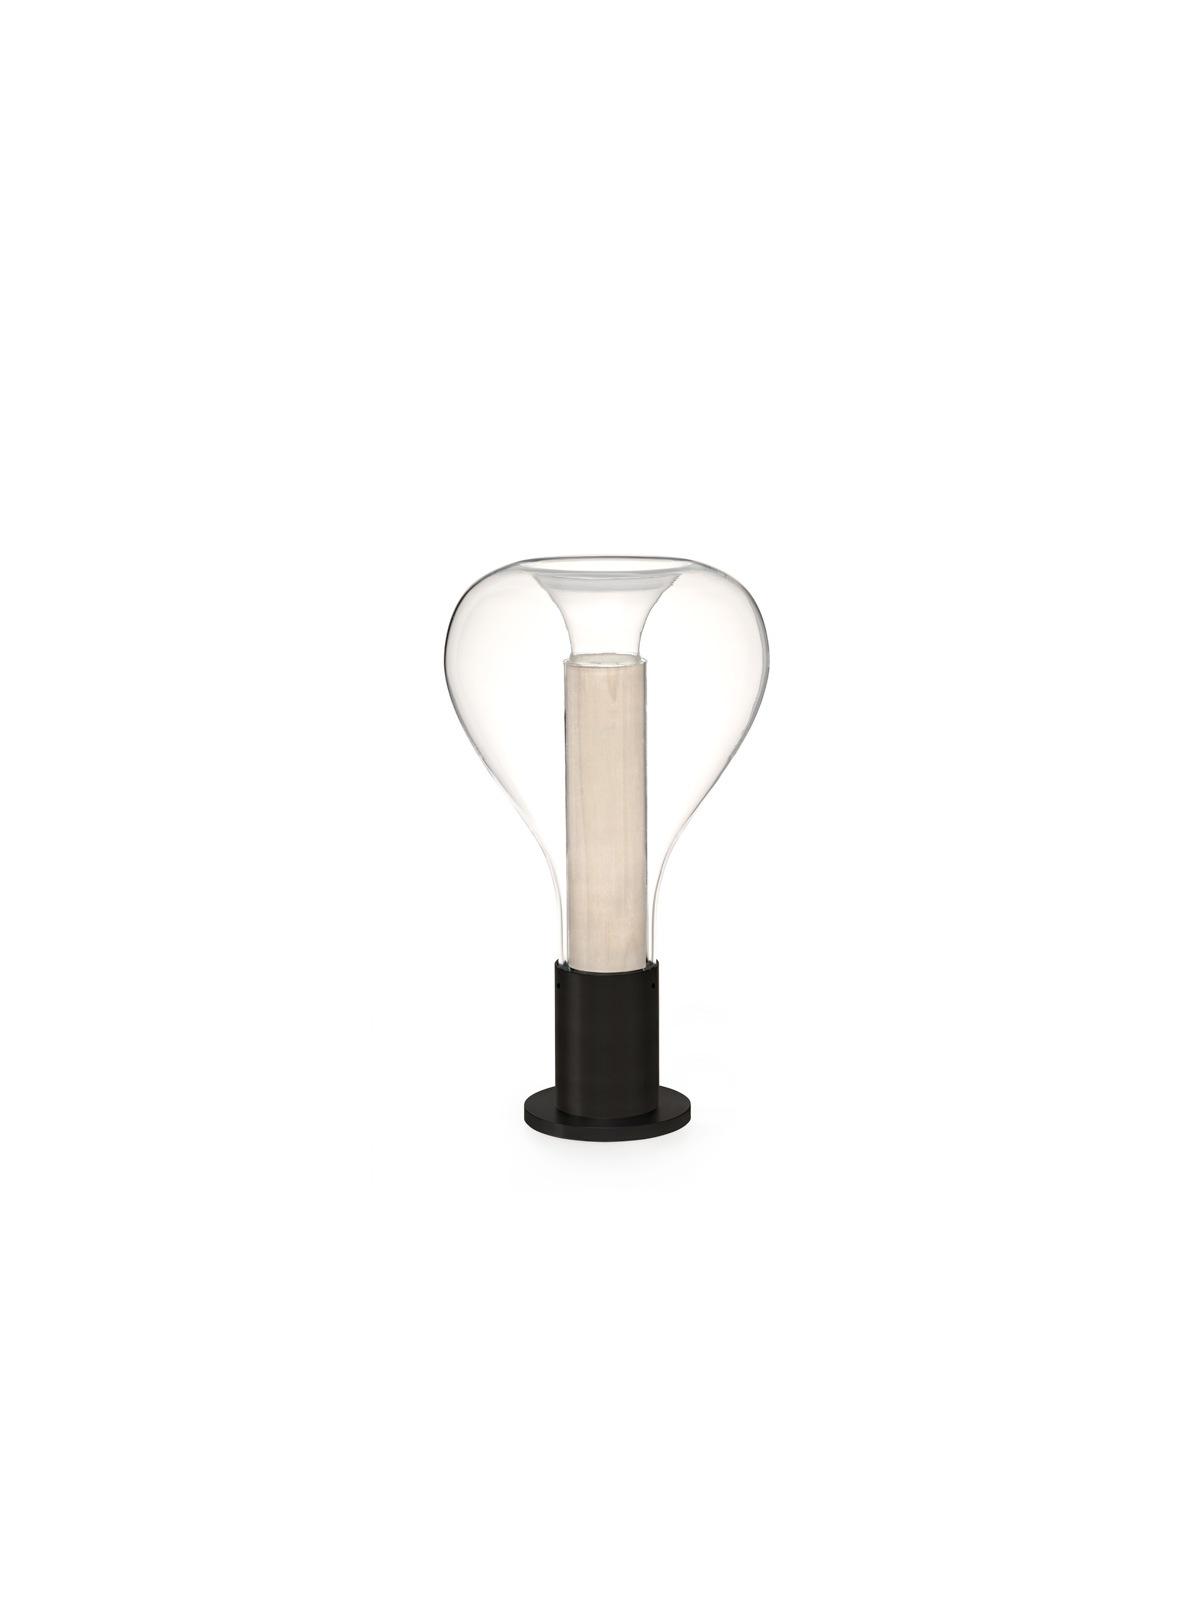 LZF Lamps Eris Tischleuchte Glas und Furnier Holz